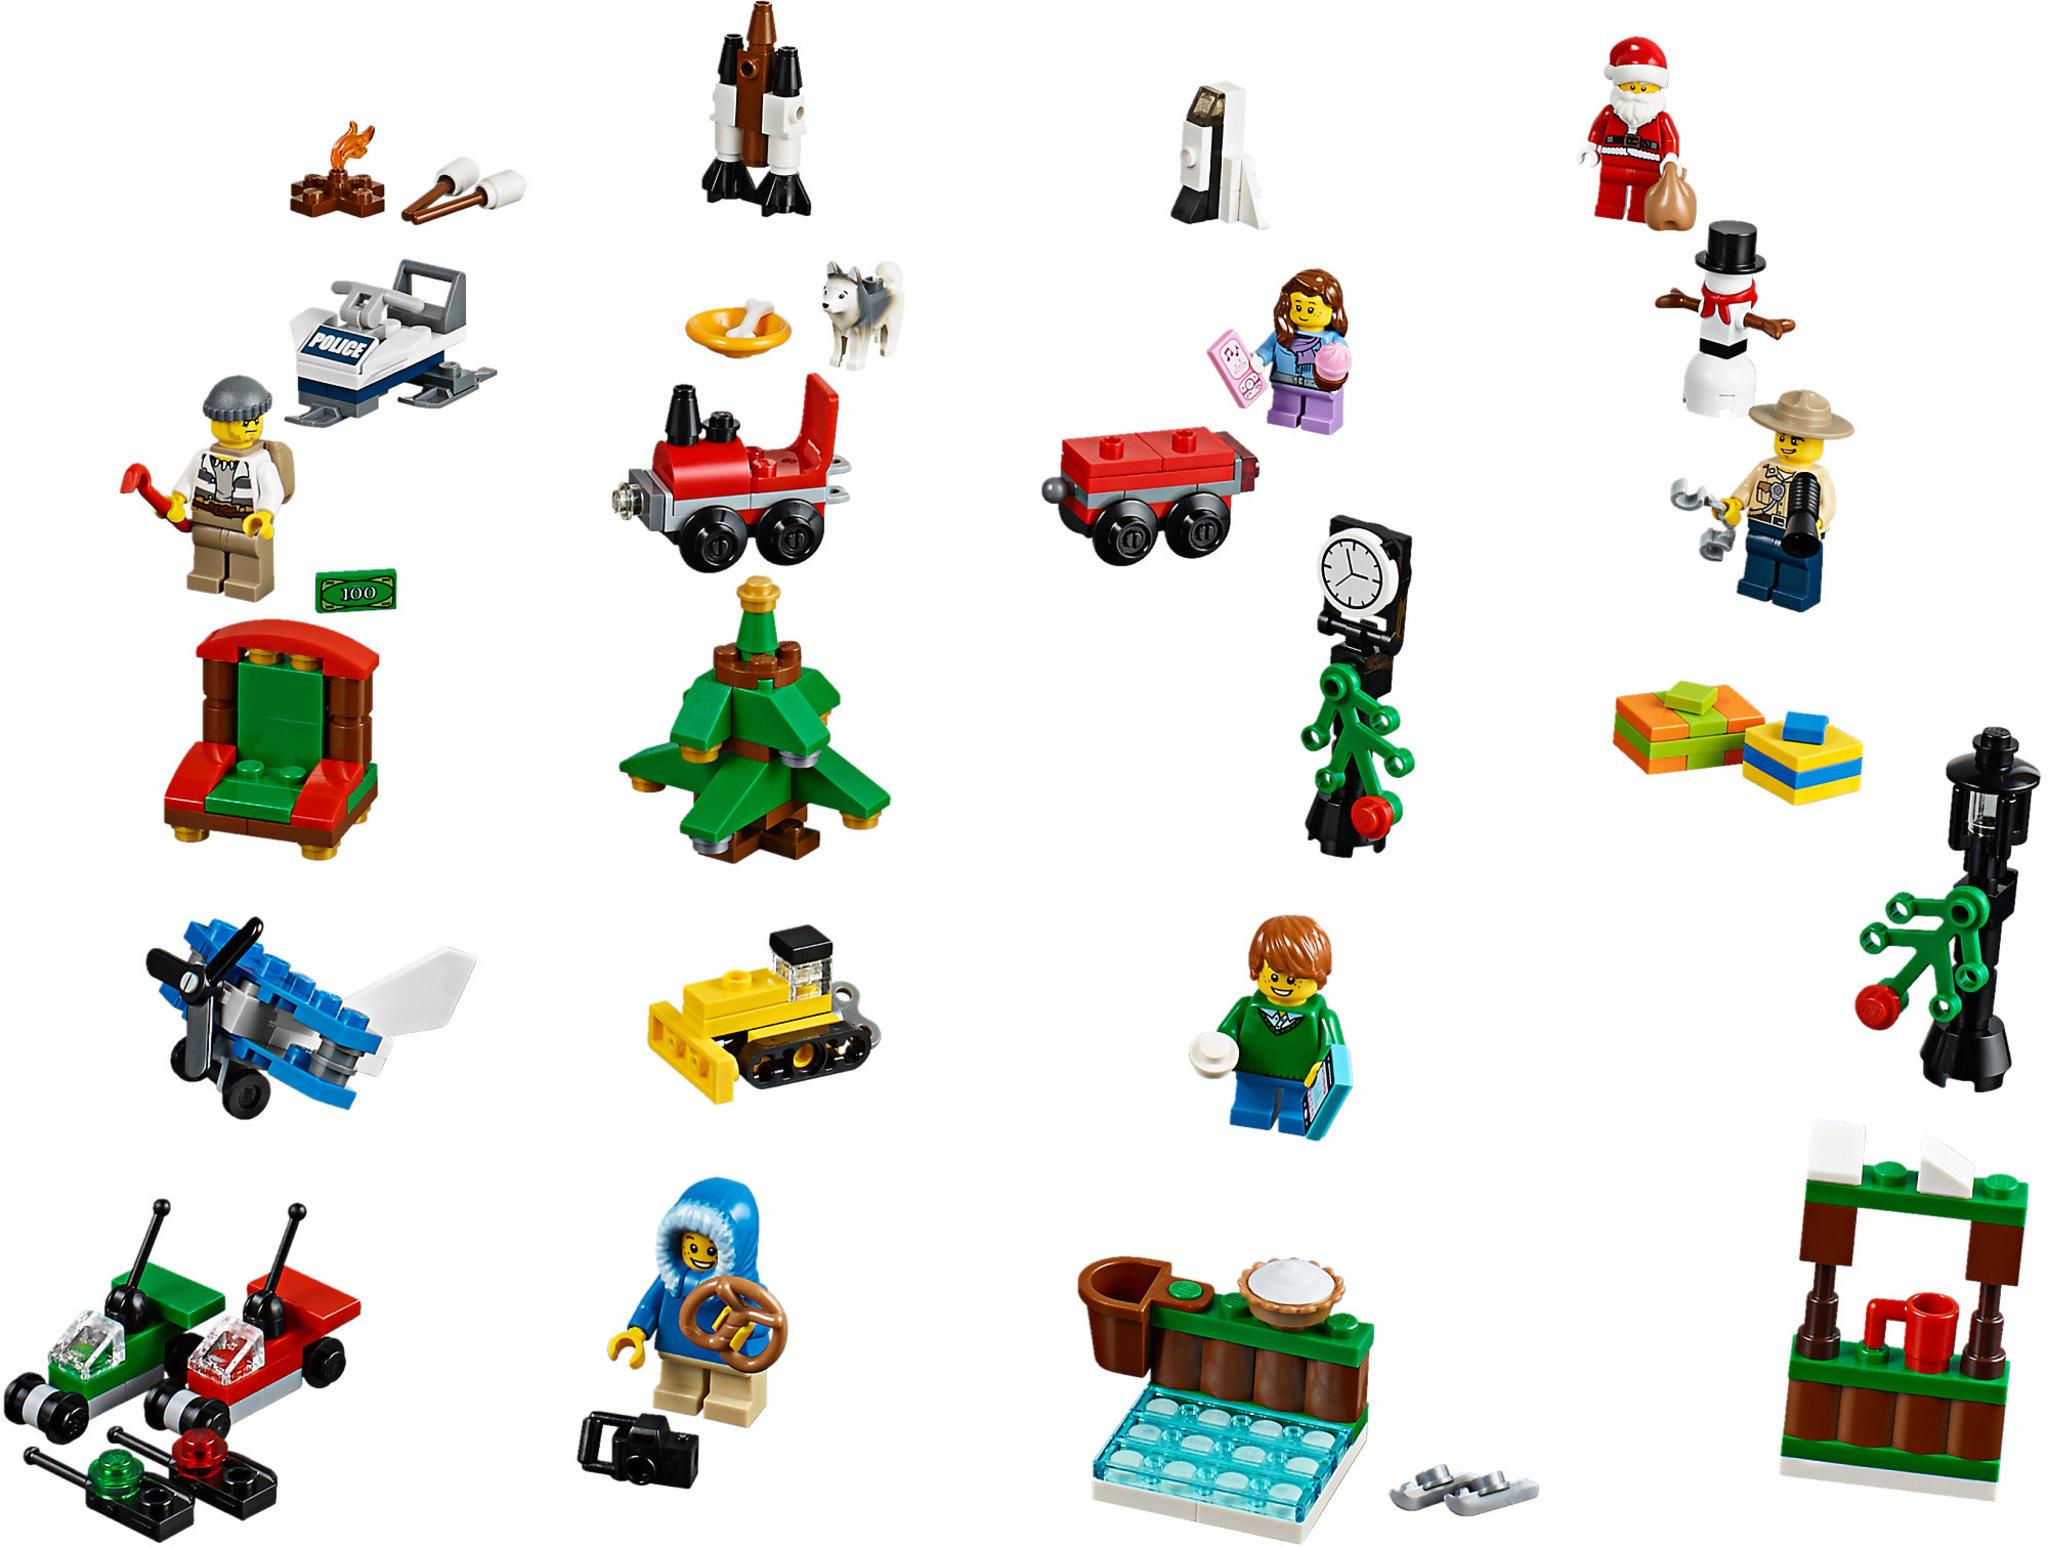 LEGO City 60099 - Calendario dell'Avvento | Mattonito